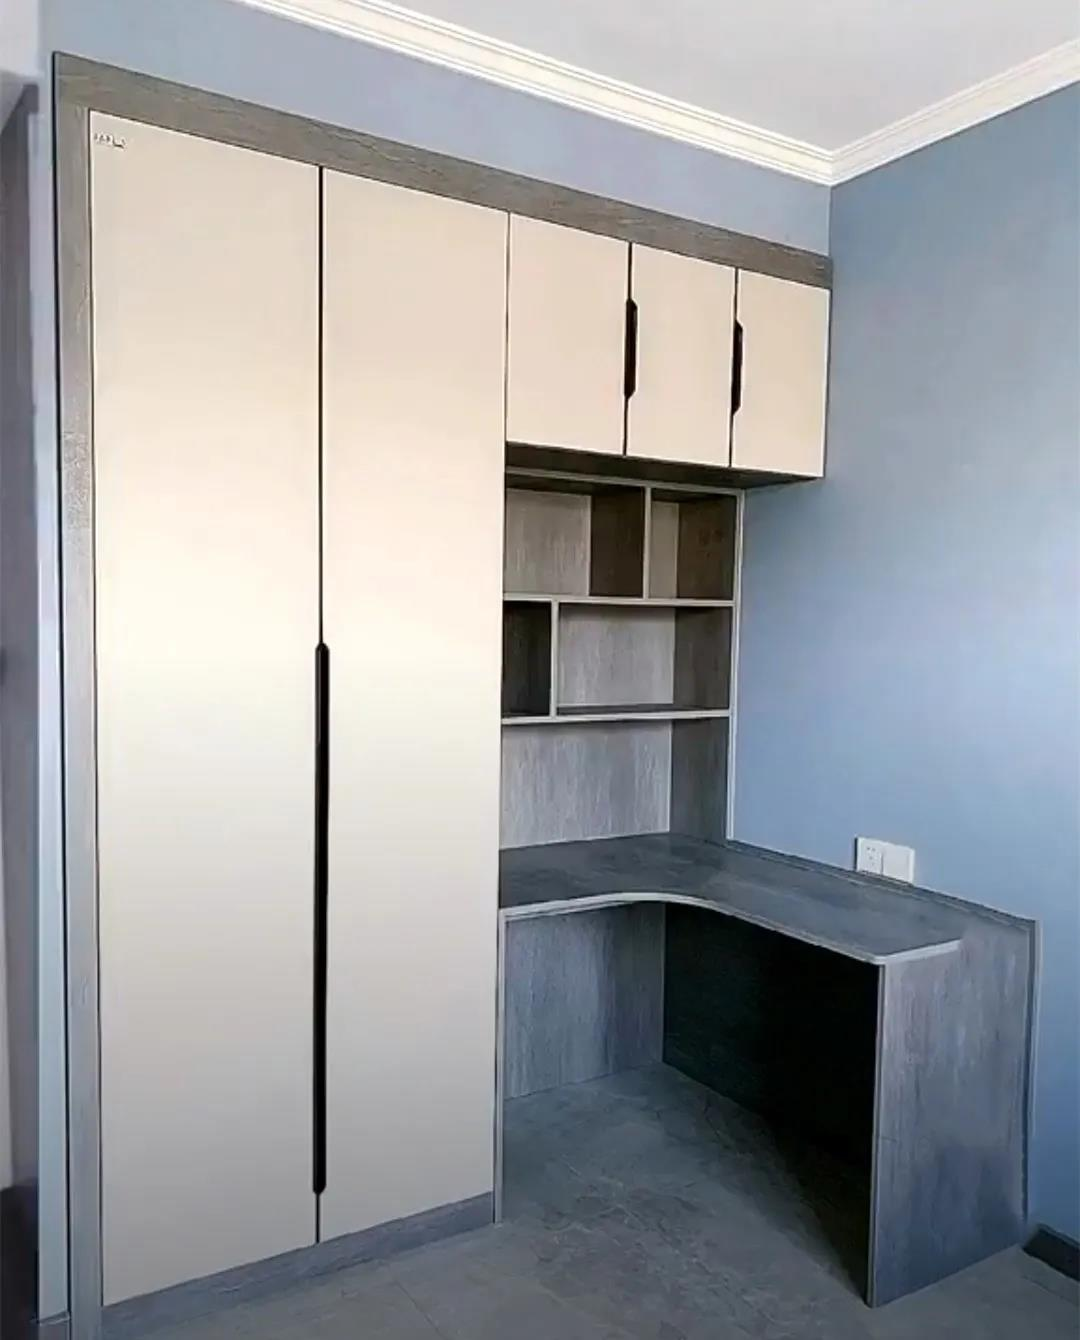 衣柜靠墙处掏个洞,装个半内嵌的转角书桌,小户型这么设计省空间